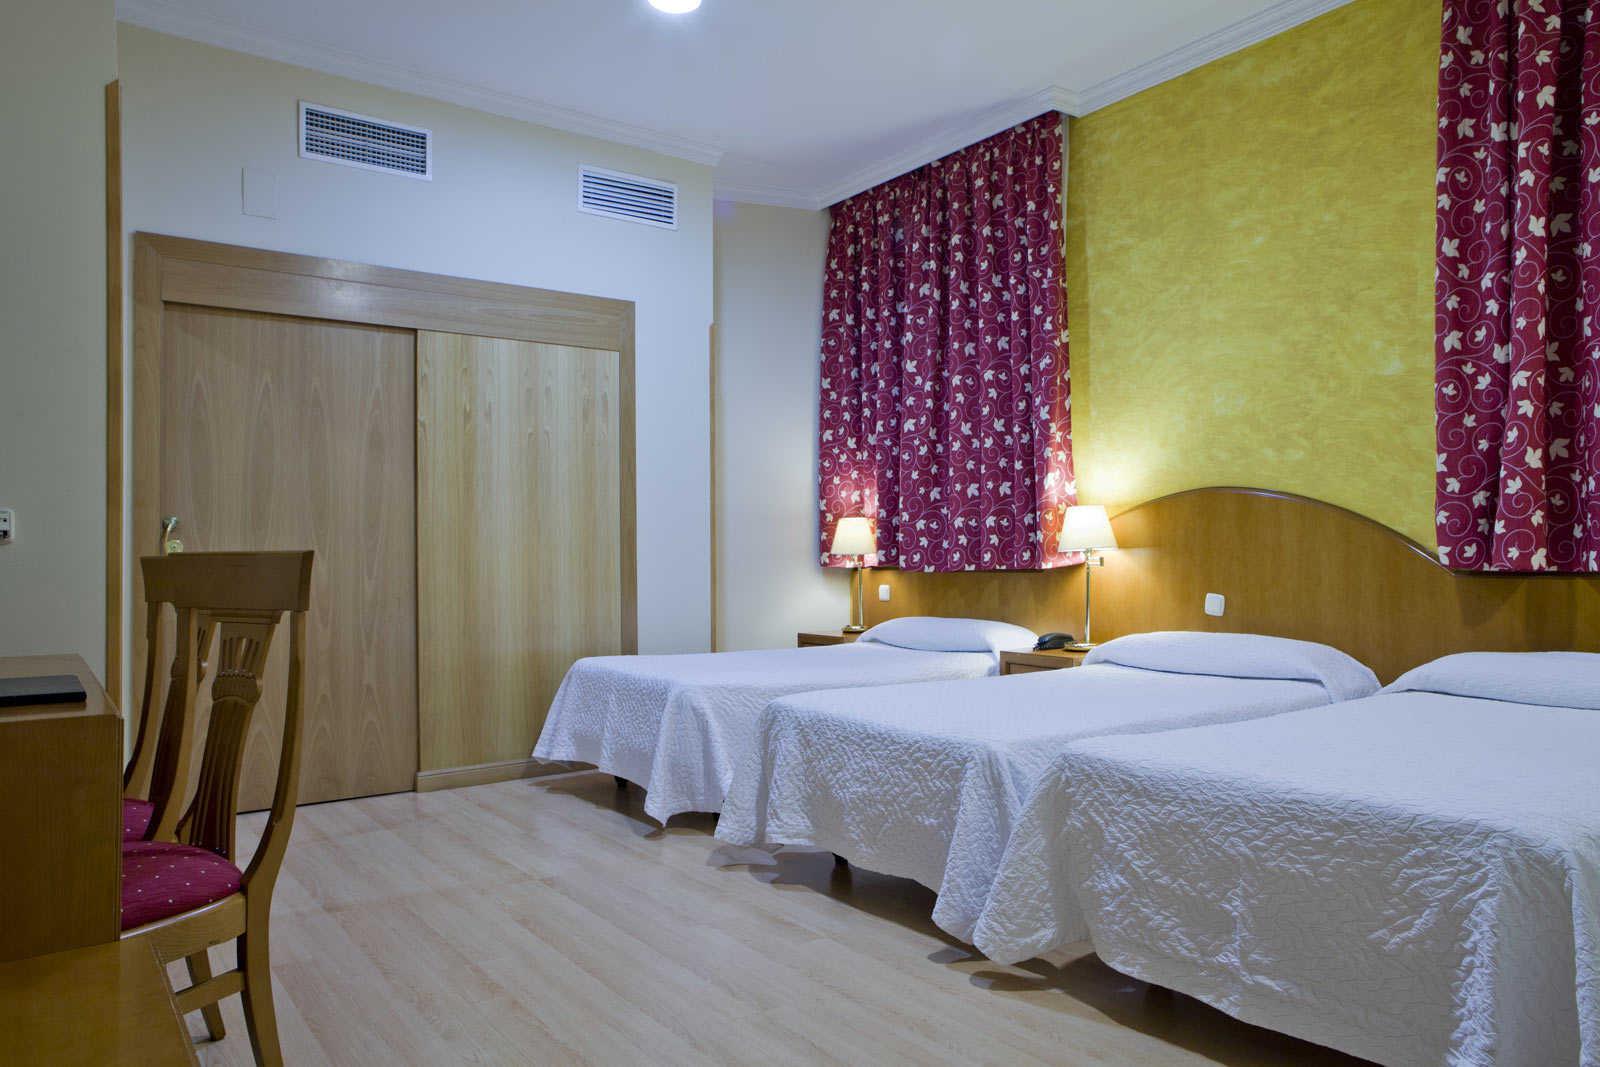 Hotel en madrid centro hotel europa reserva al mejor for Habitacion hotel familiar palermo